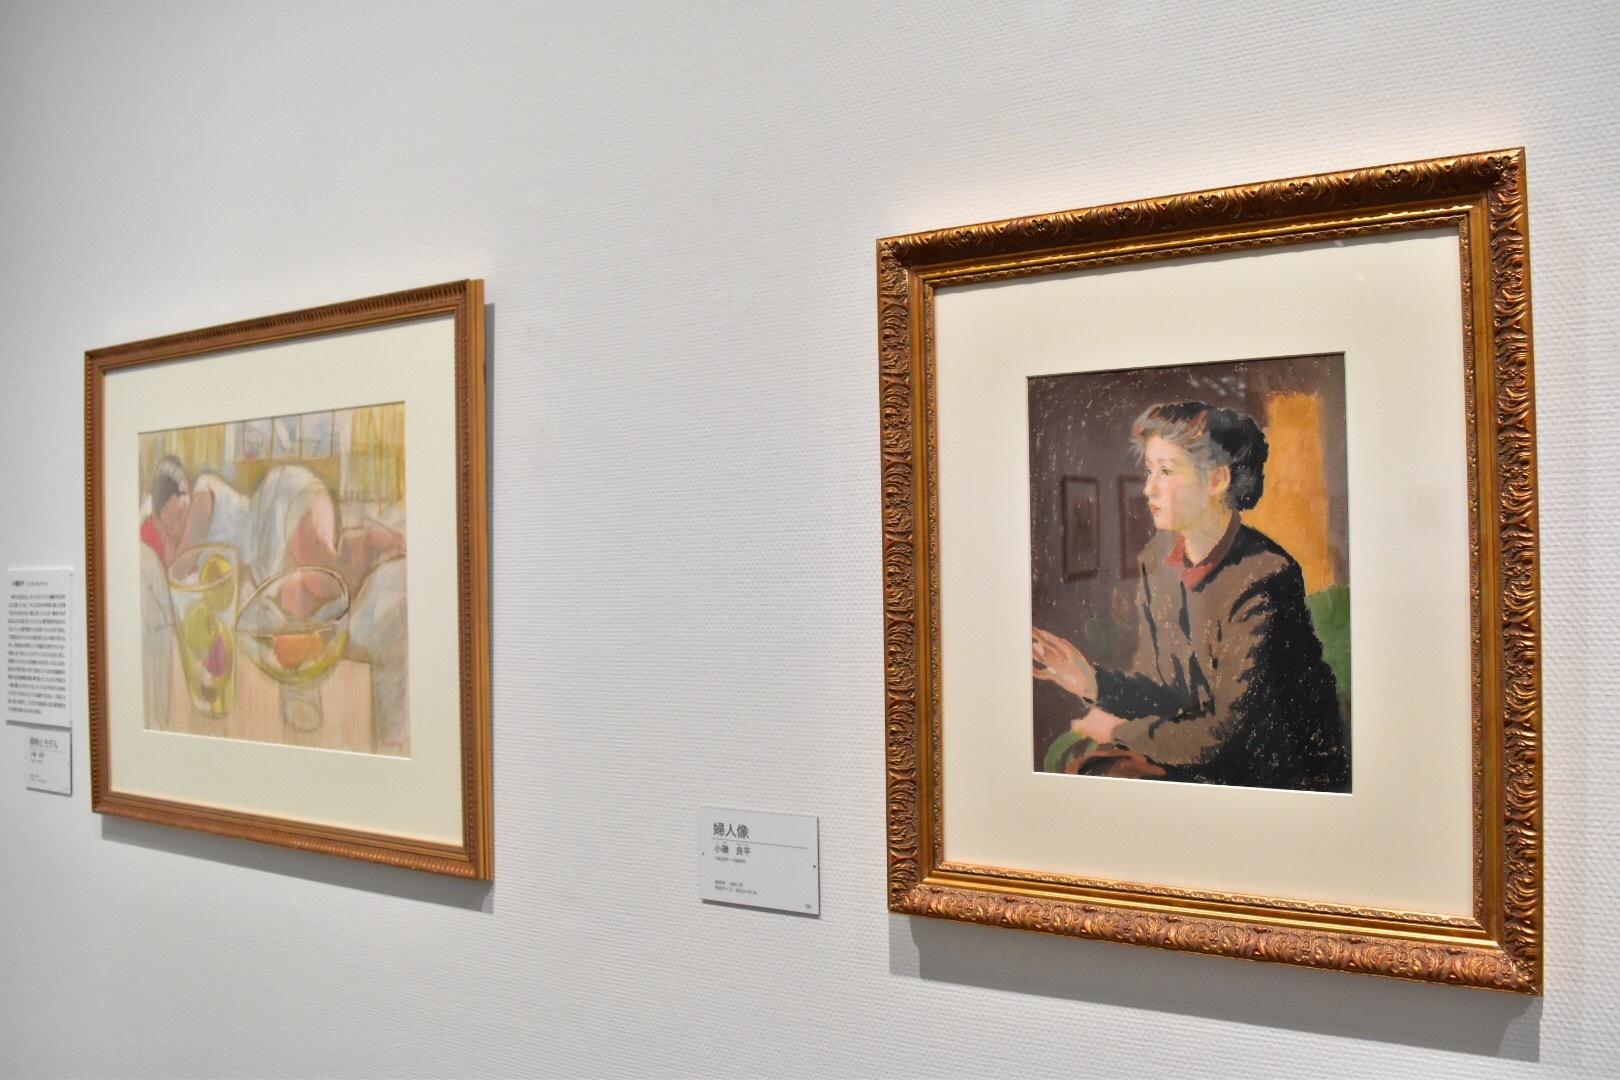 右:小磯良平 《婦人像》1951年 左奥:小磯良平 《静物とモデル》制作年不明